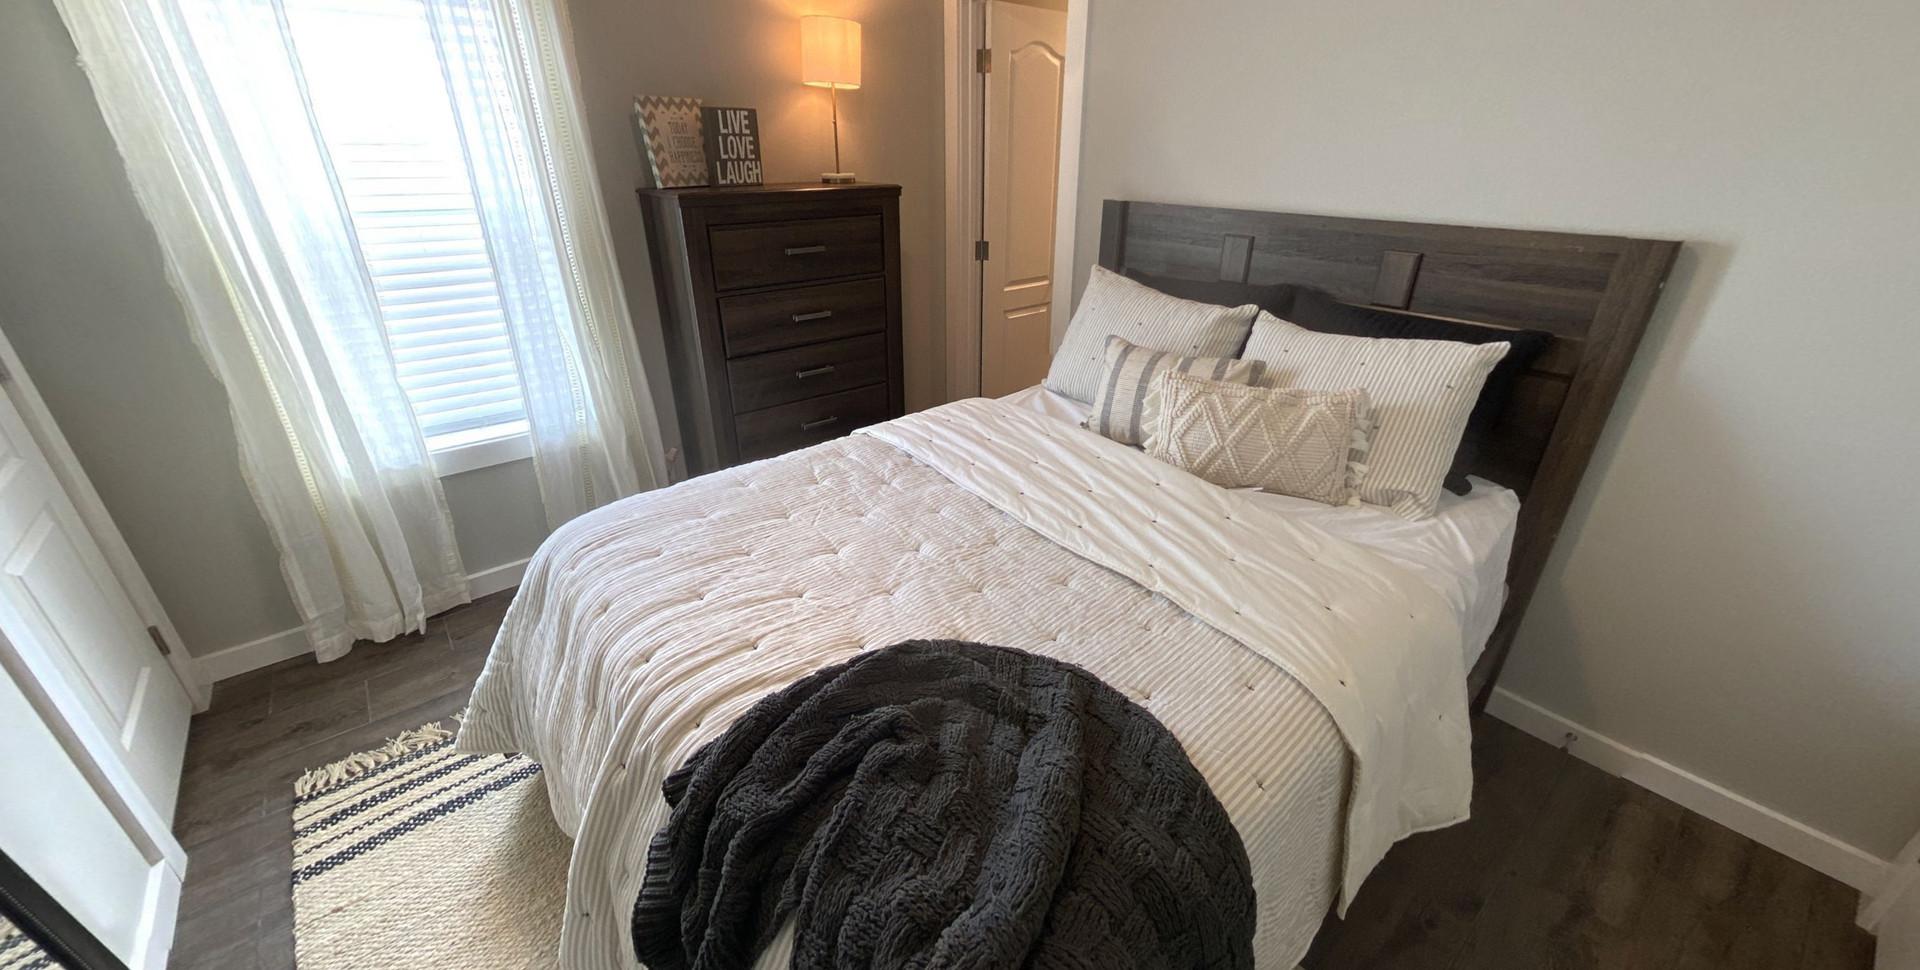 310-Omnia-Master-Bedroom.jpg